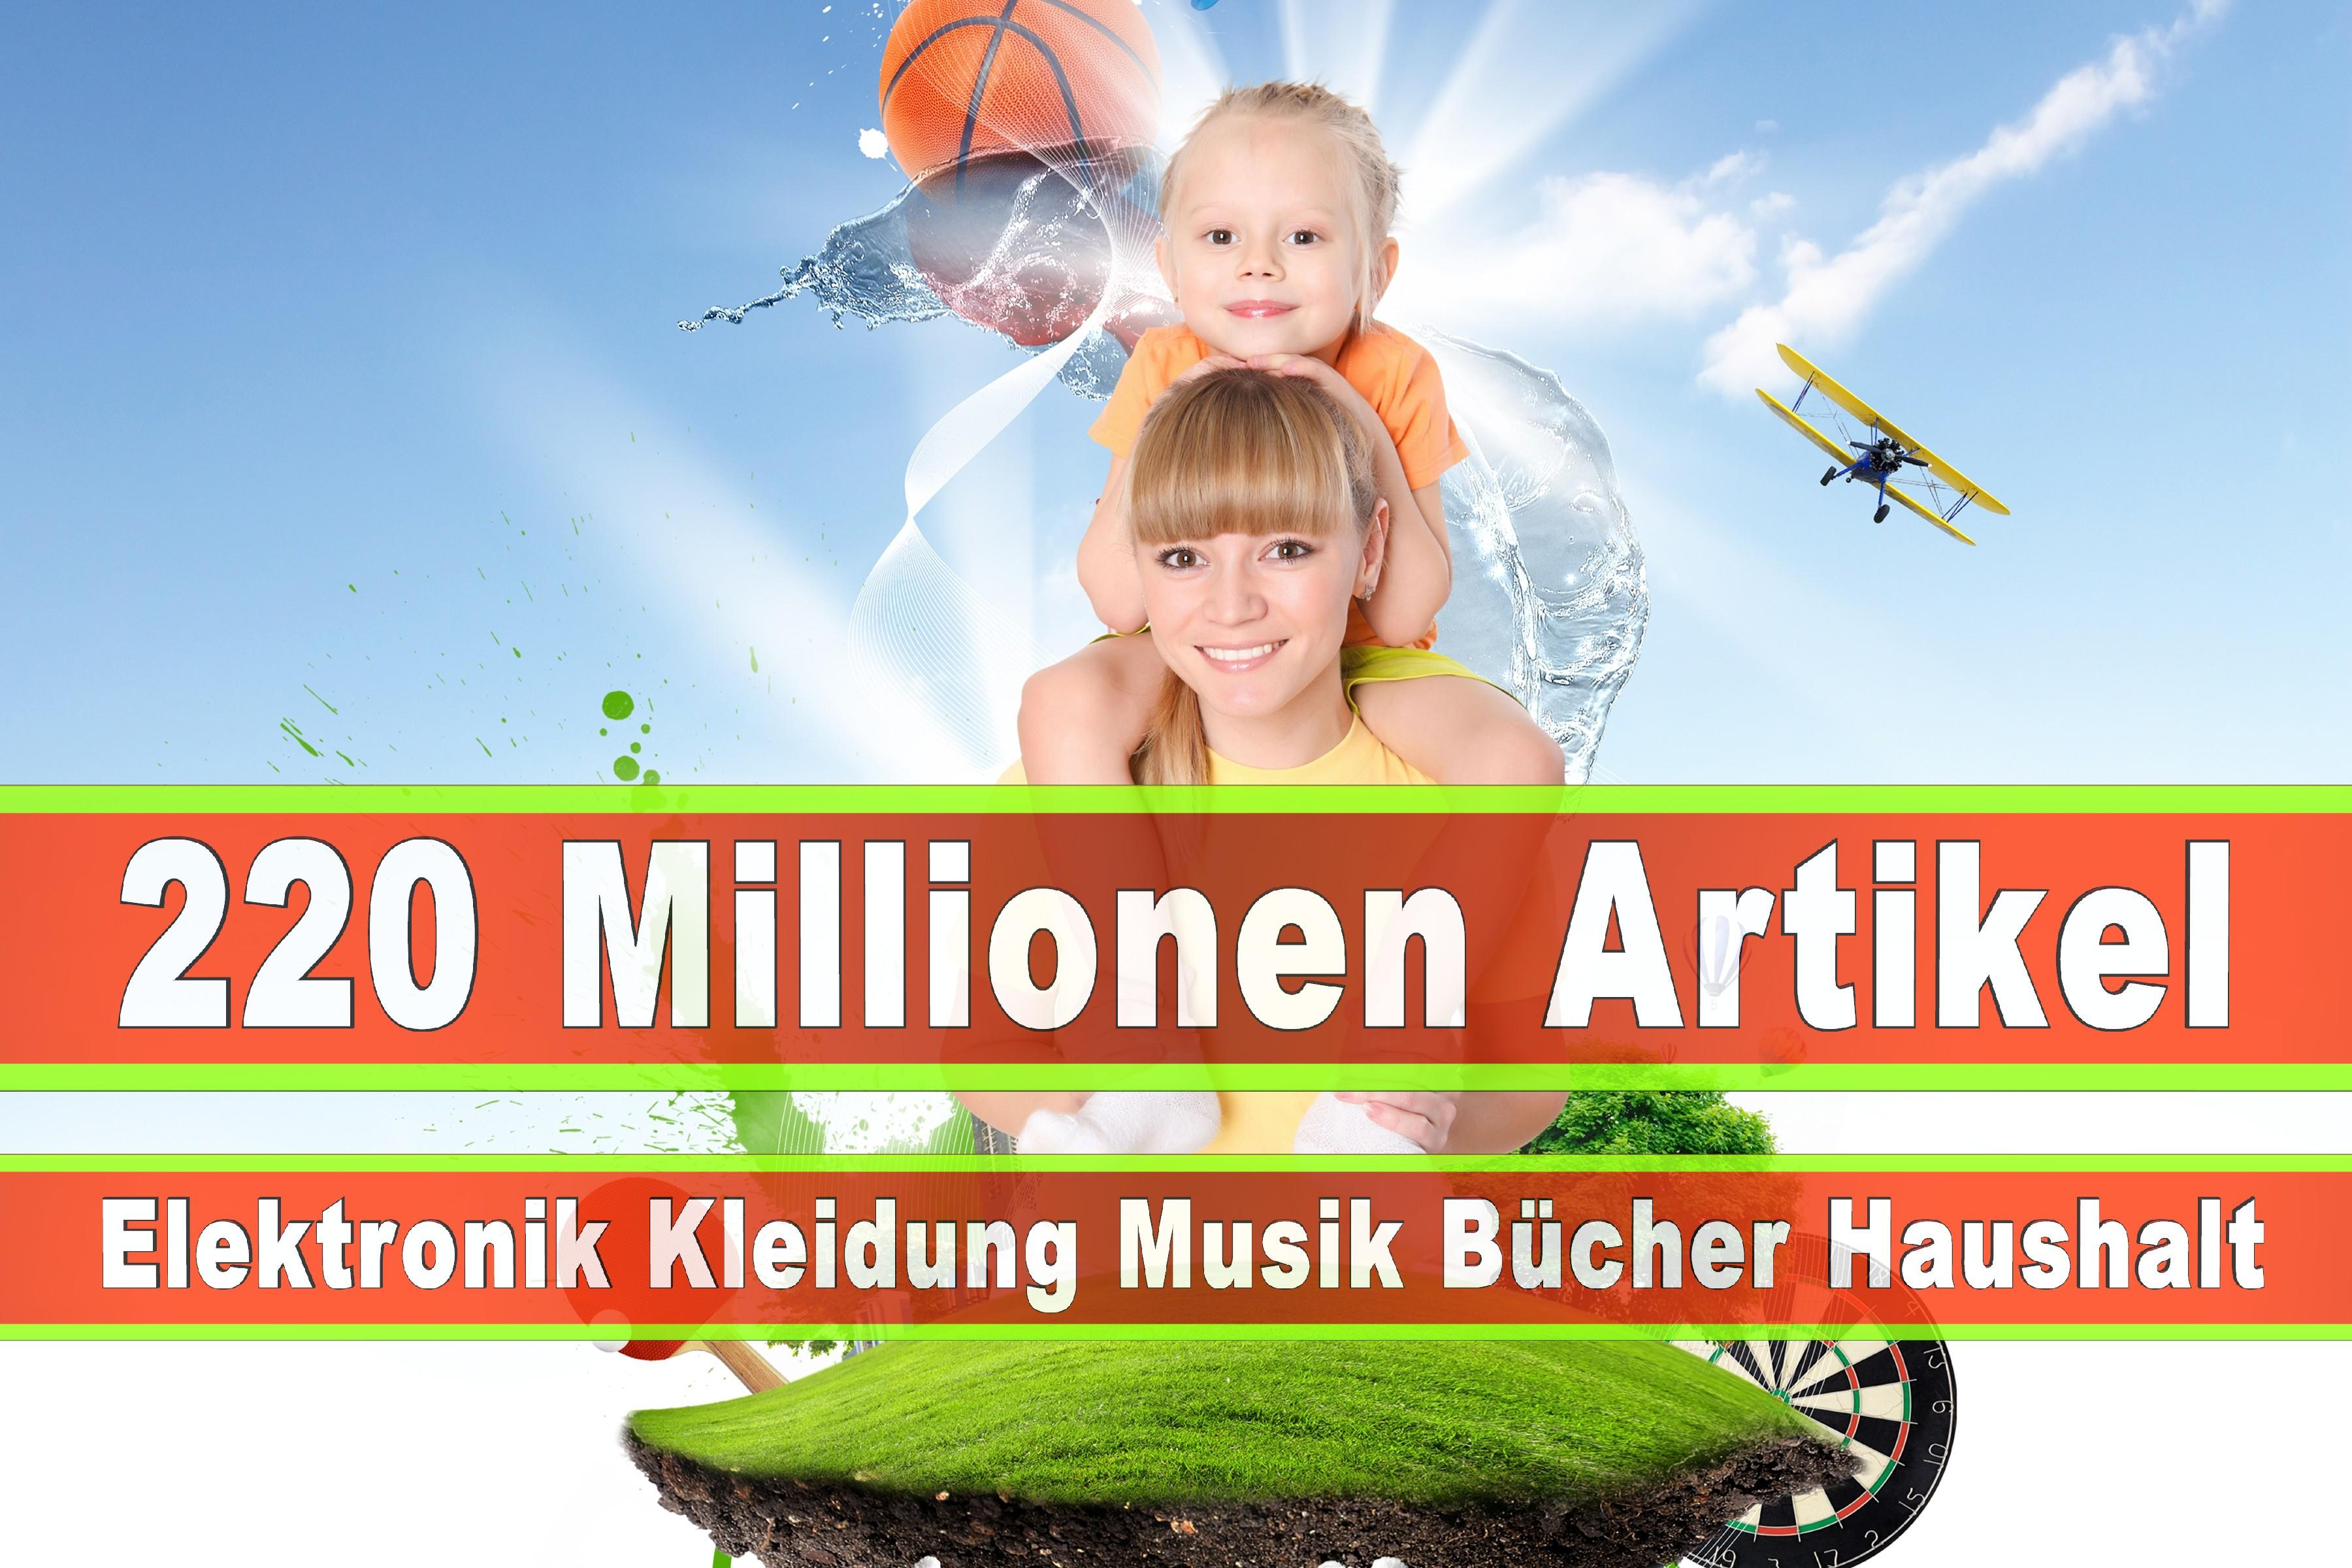 Amazon Elektronik Musik Haushalt Bücher CD DVD Handys Smartphones TV Television Fernseher Kleidung Mode Ebay Versandhaus (197)